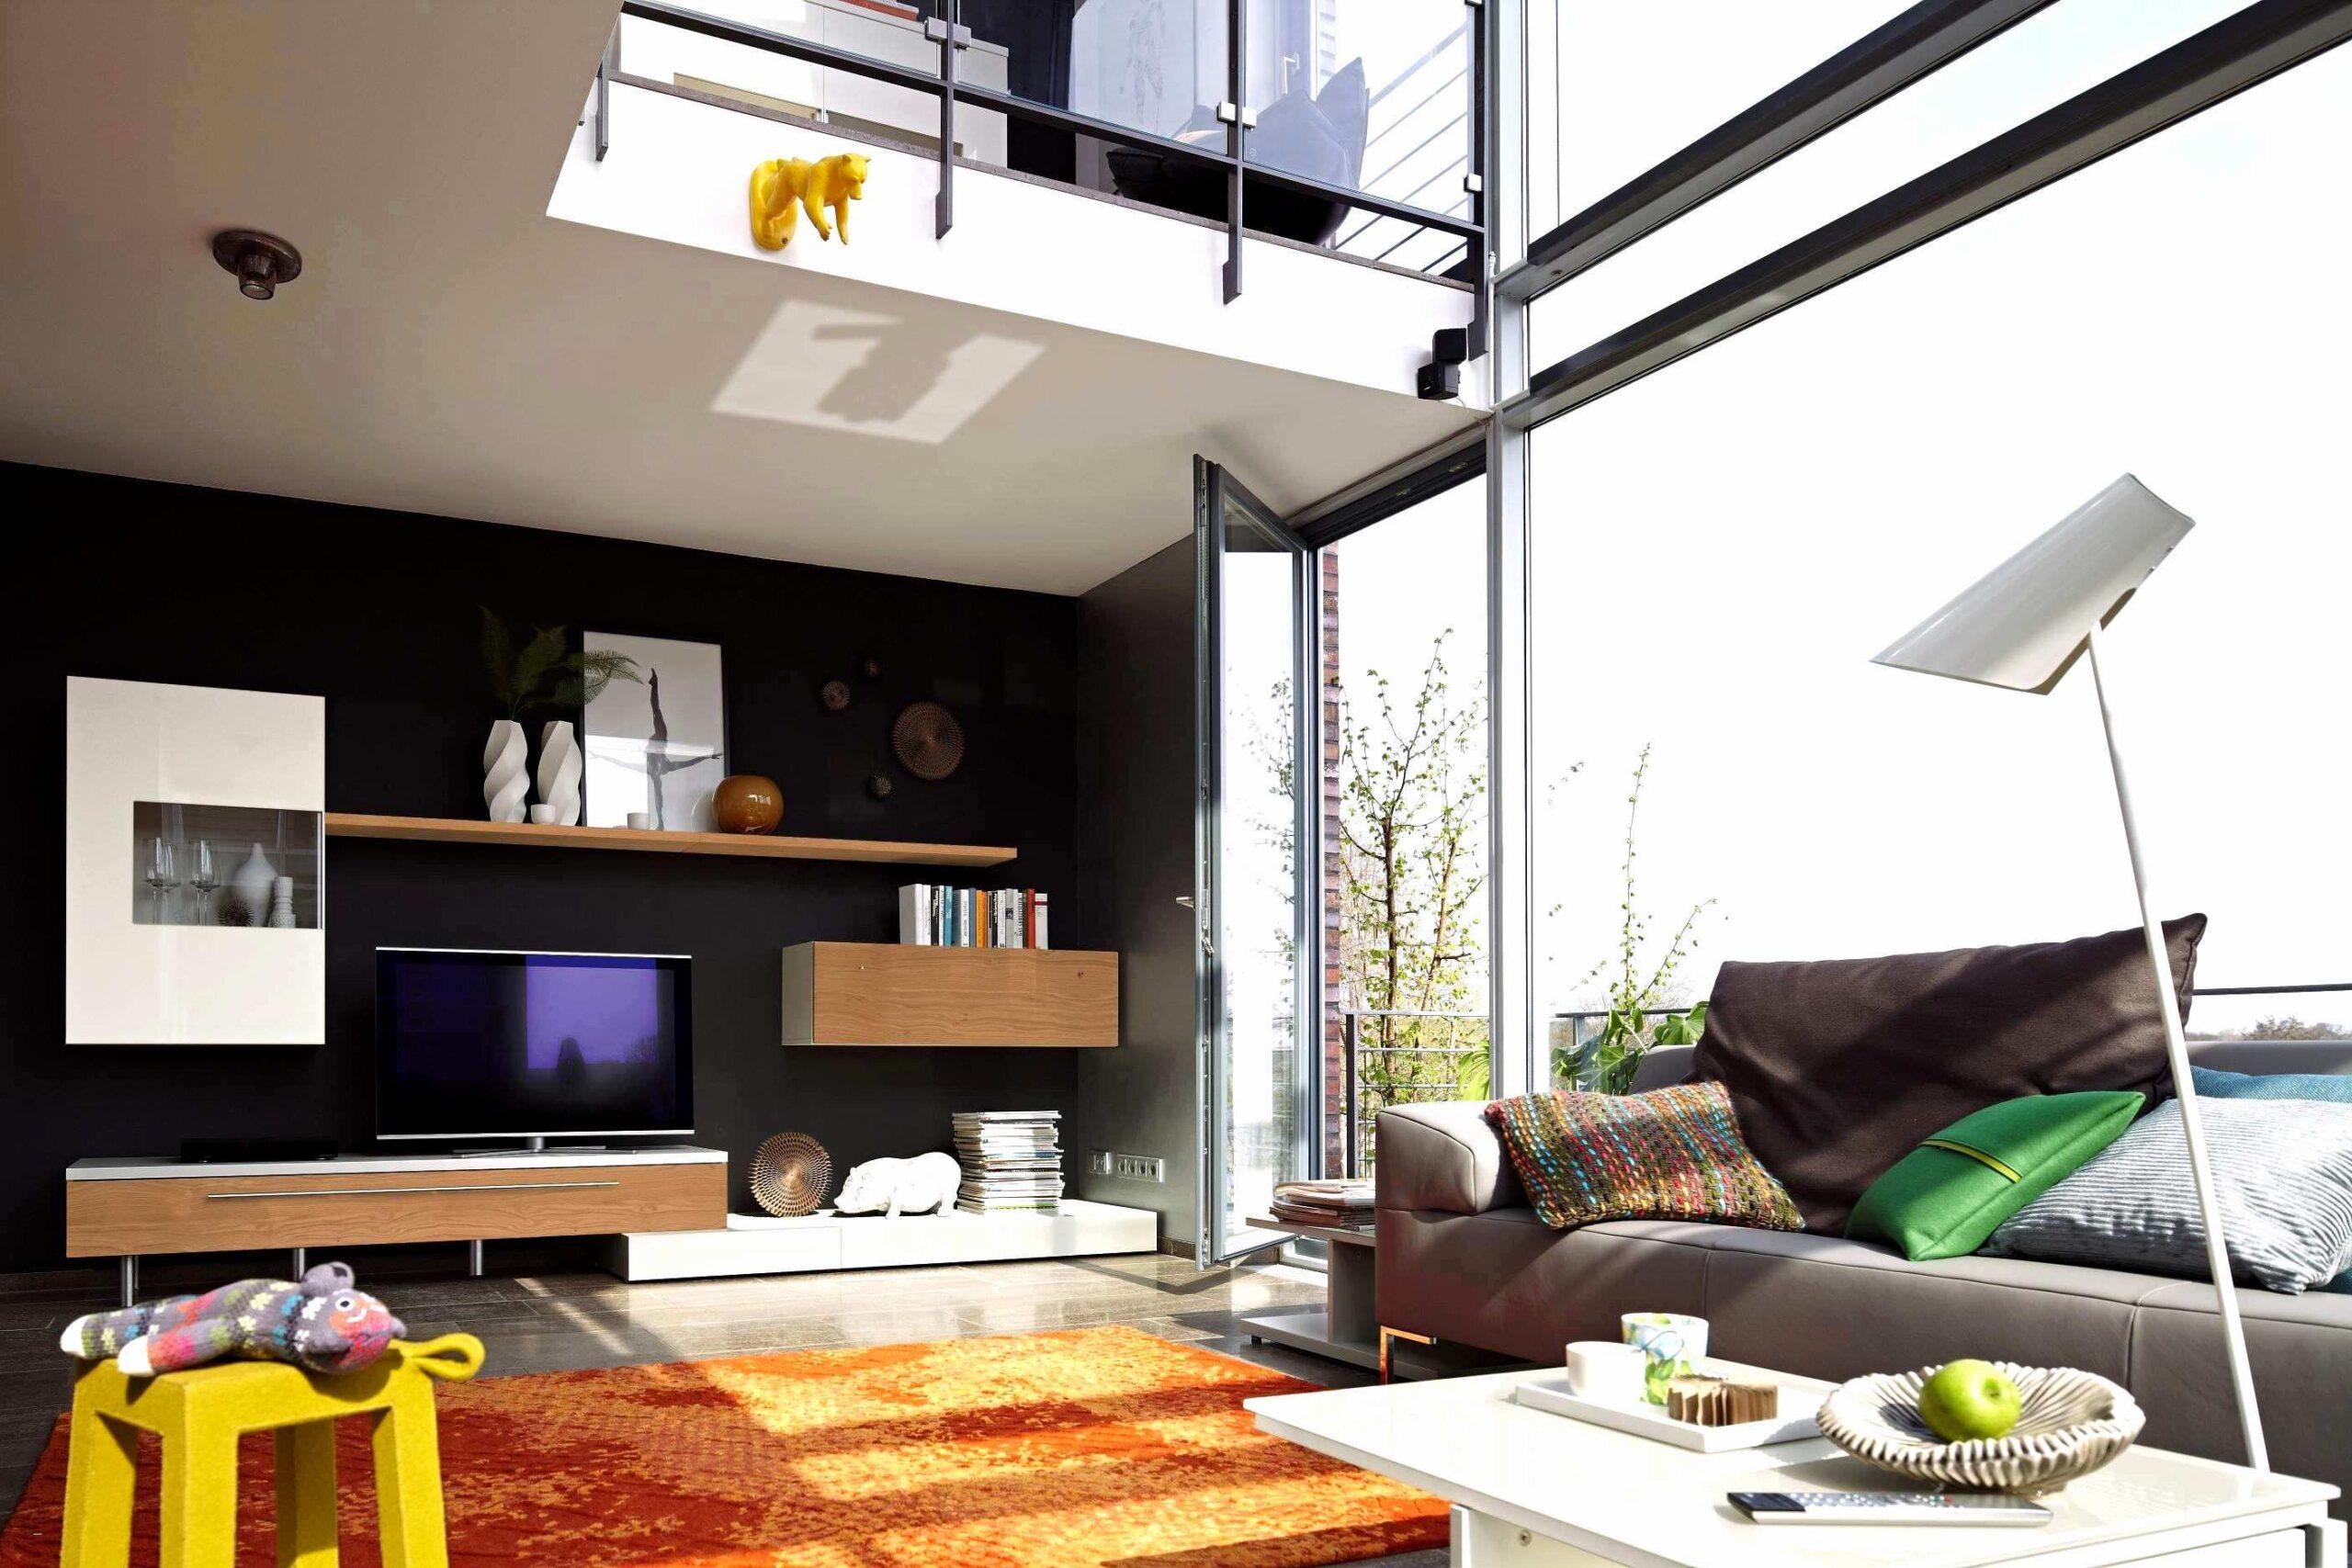 Full Size of Decke Gestalten Ideen Einzigartig 30 Luxus Von Selbst Deckenleuchten Bad Badezimmer Deckenleuchte Wohnzimmer Kleines Neu Deckenlampe Küche Led Moderne Wohnzimmer Decke Gestalten